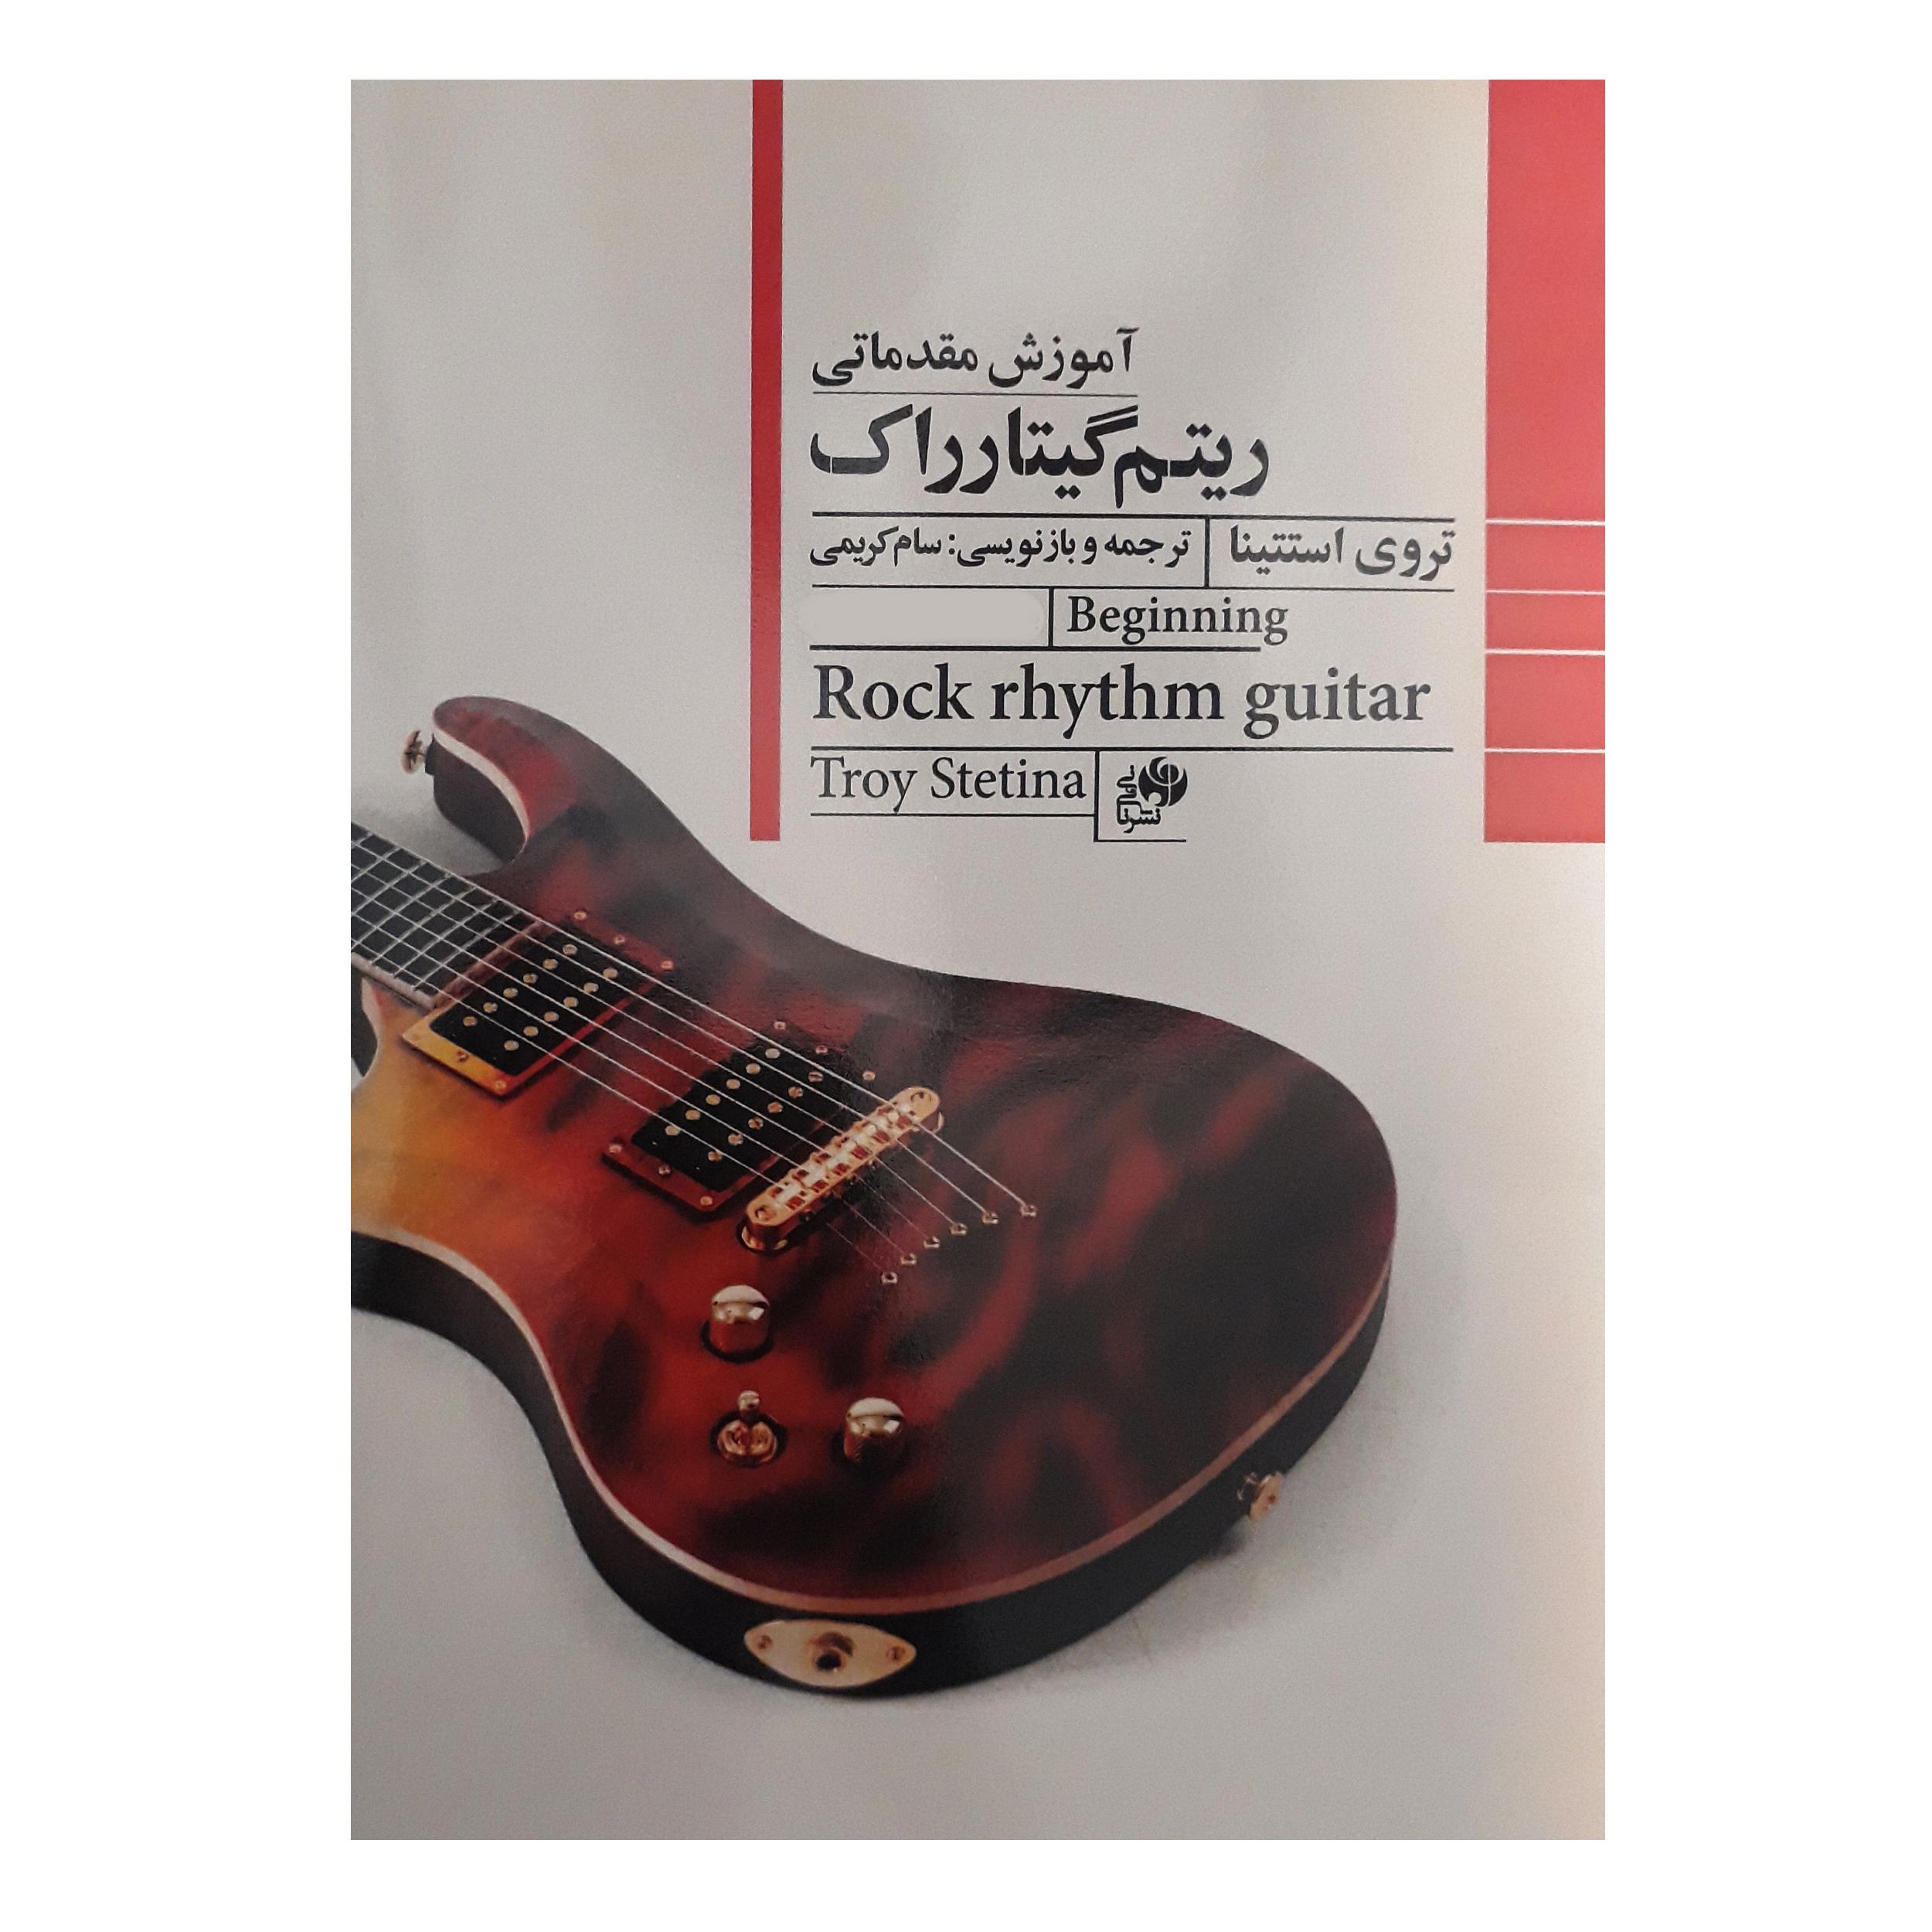 کتاب آموزش مقدماتی ریتم گیتار راک اثر تروی استتینا انتشارات نای و نی